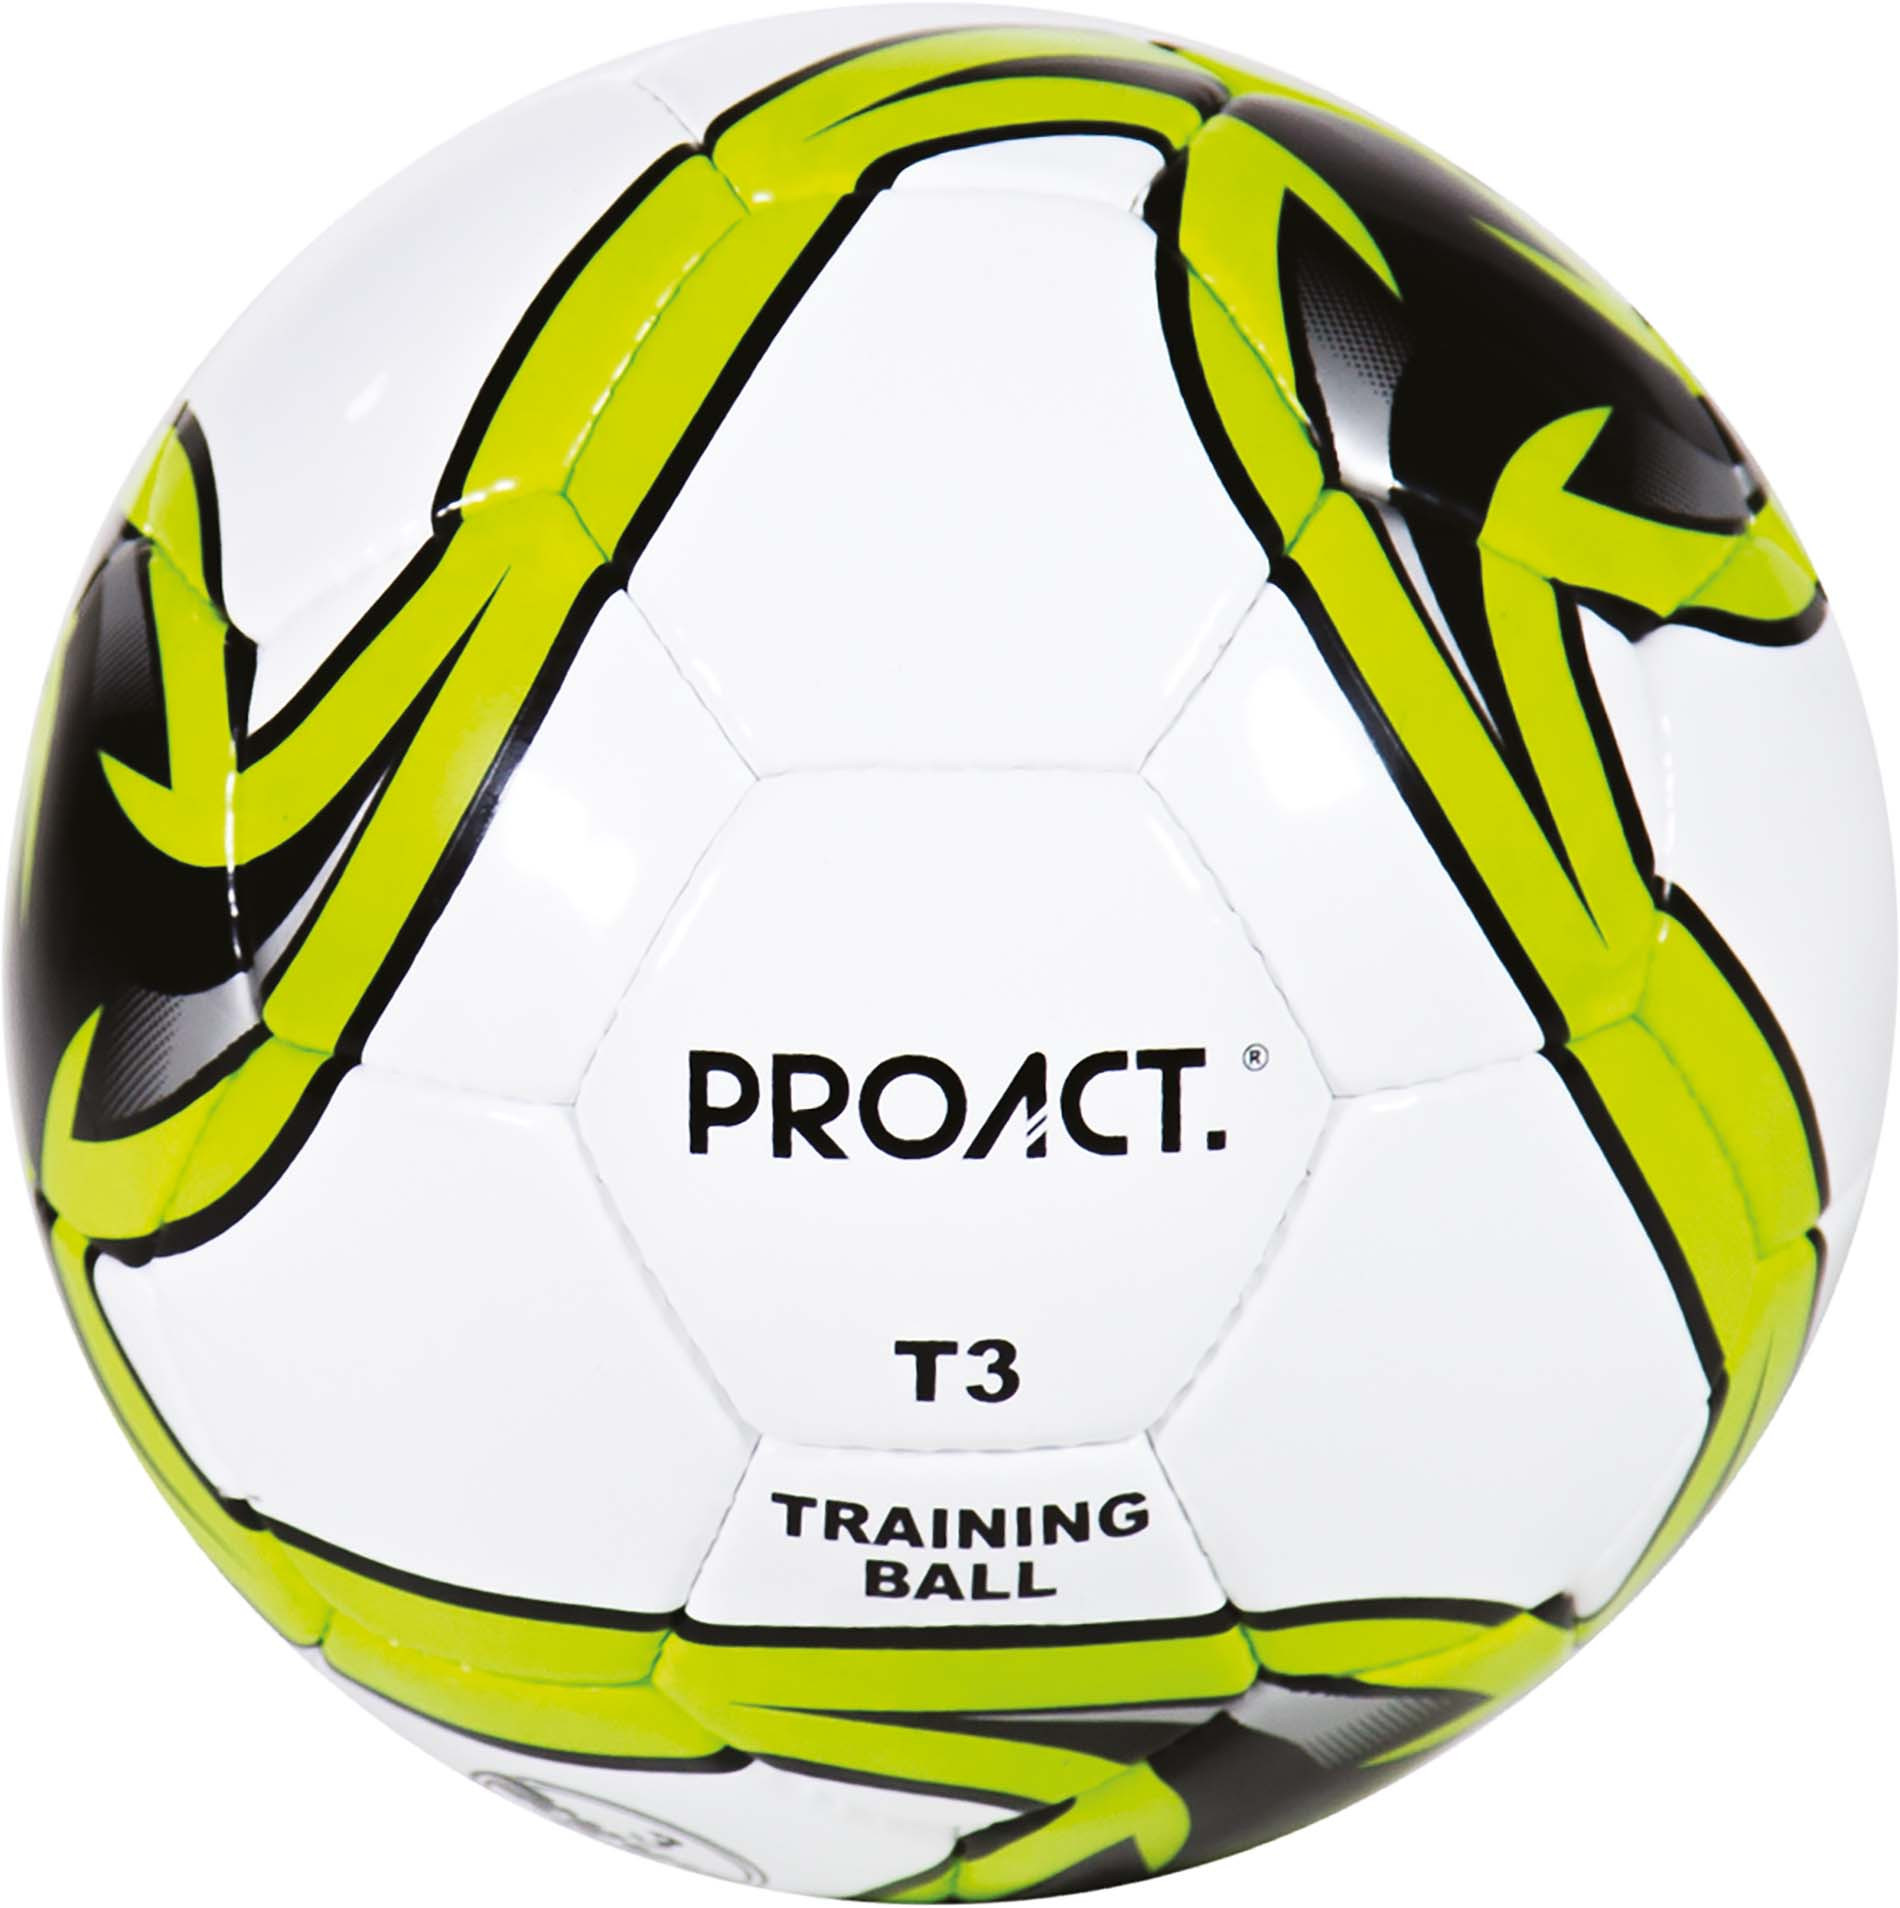 Proact Ballon football Glider 2 taille 3